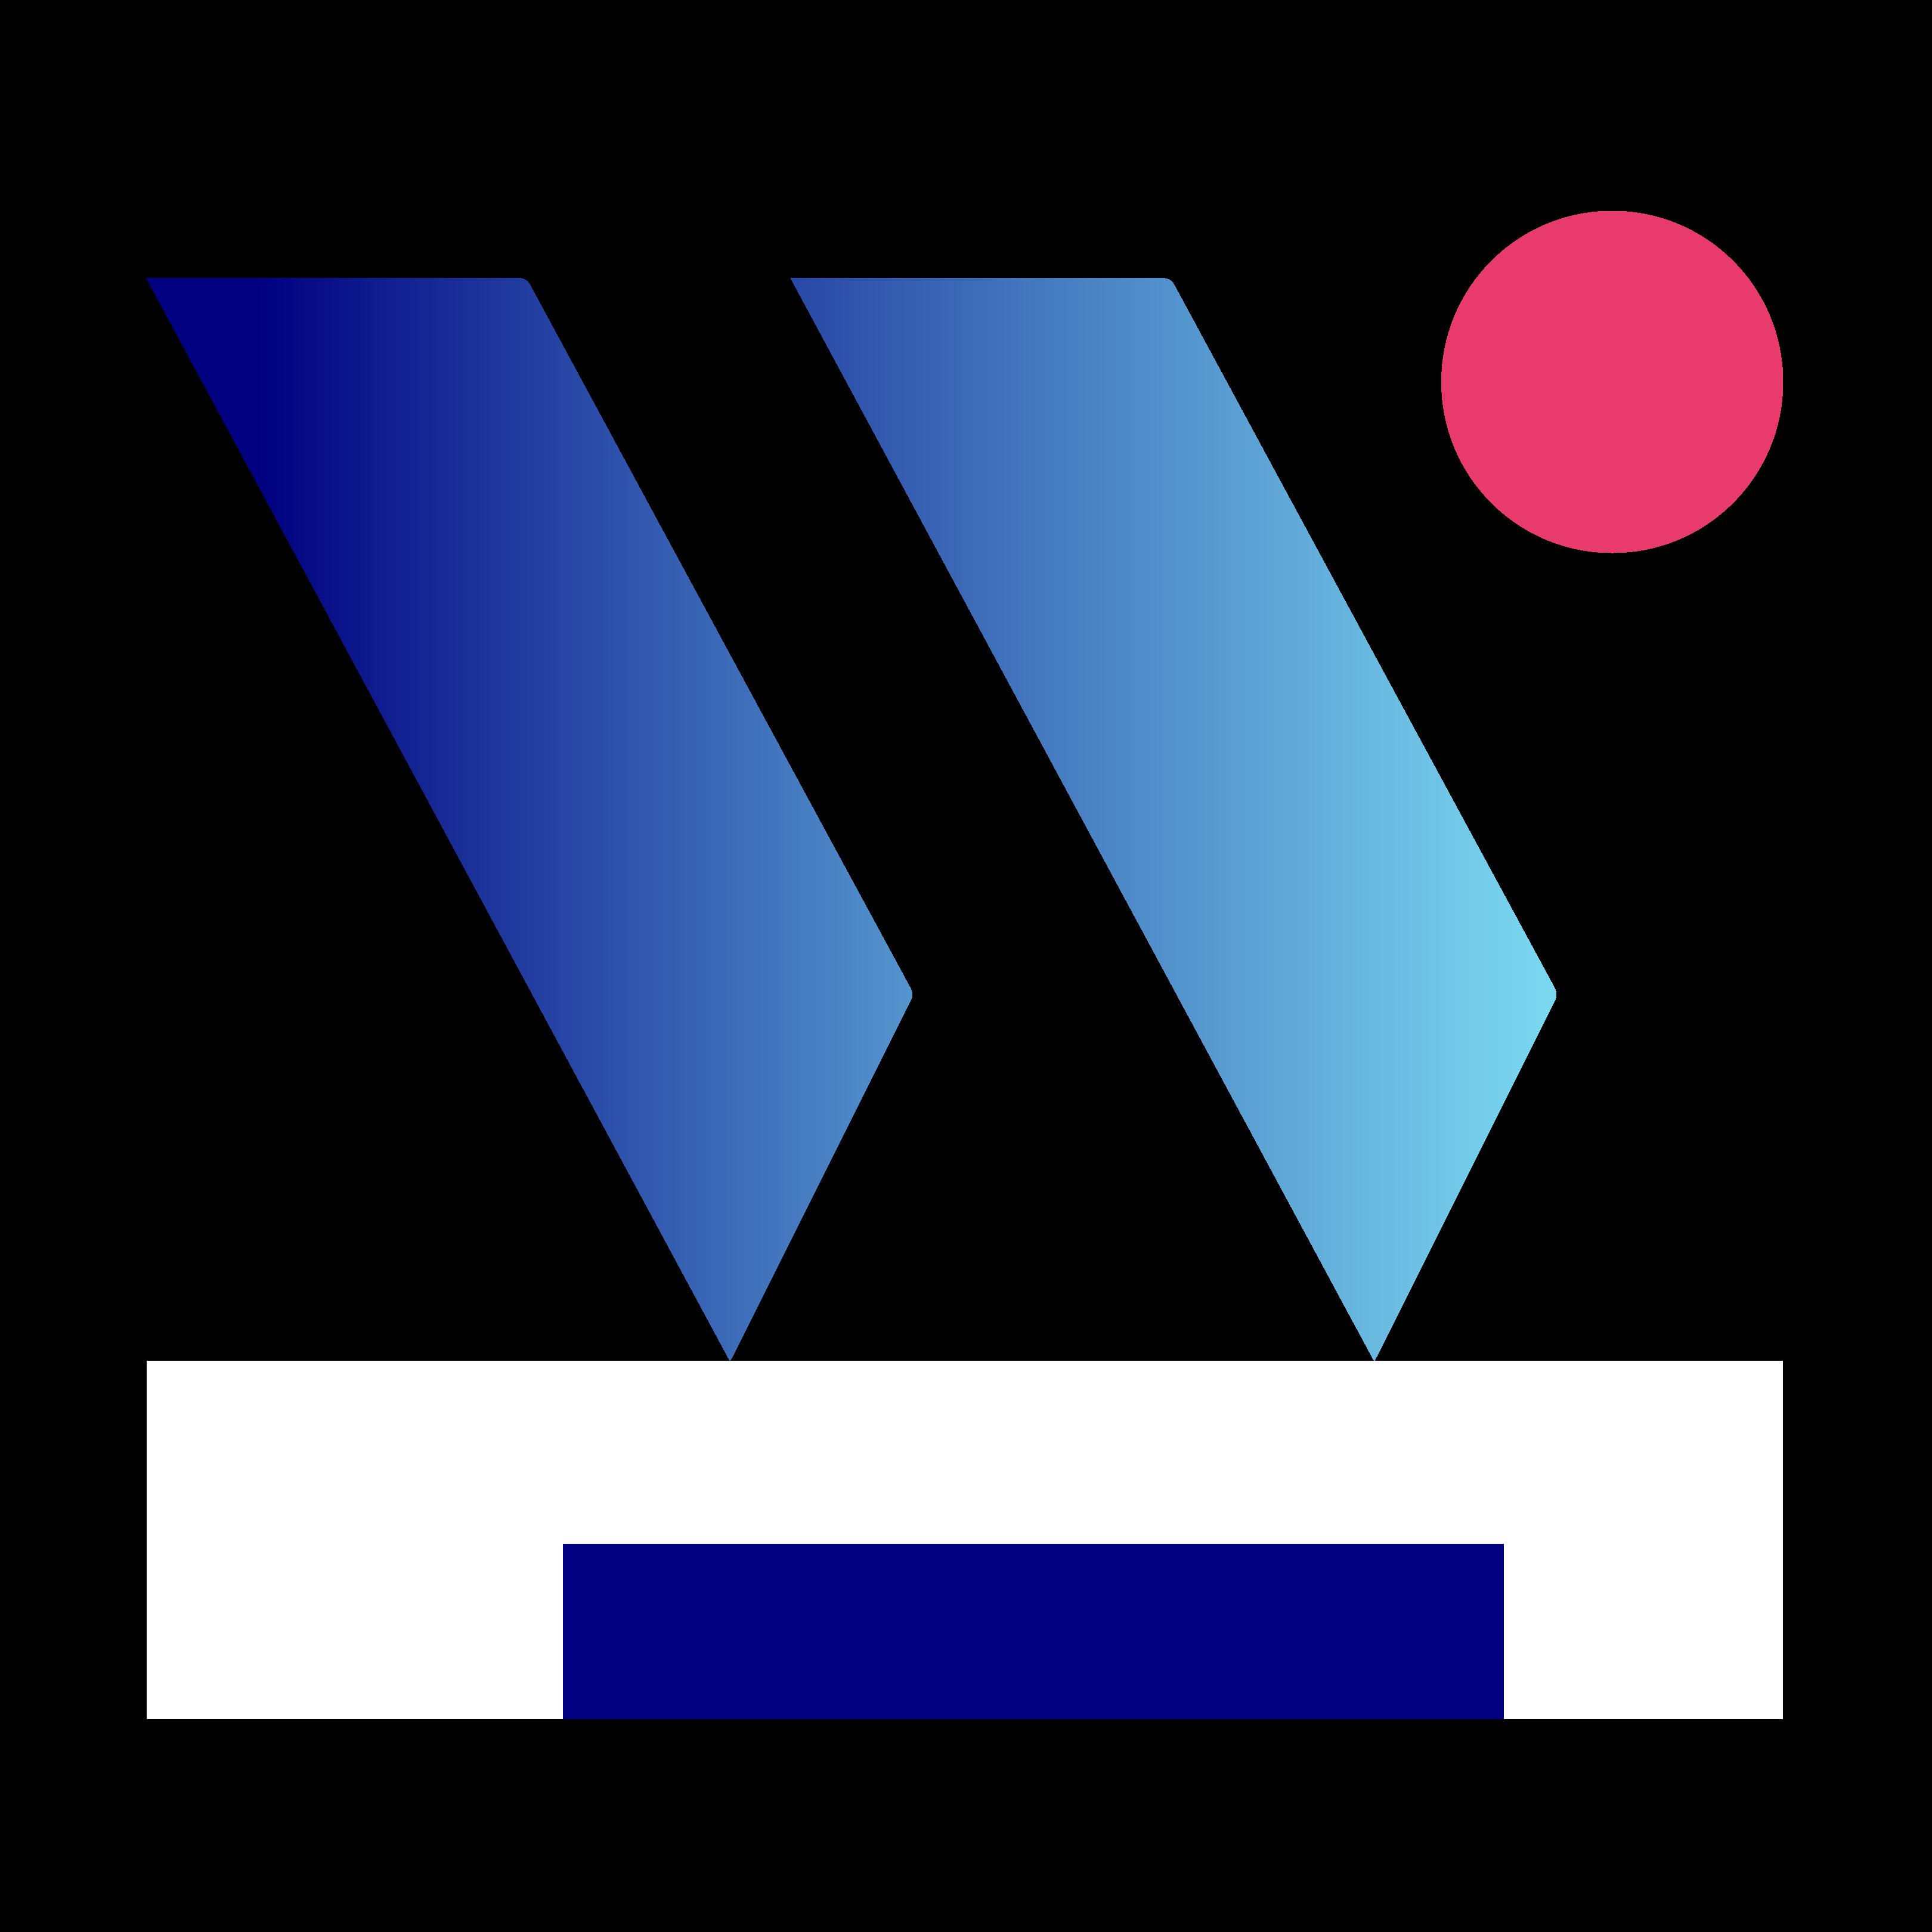 DotWit.